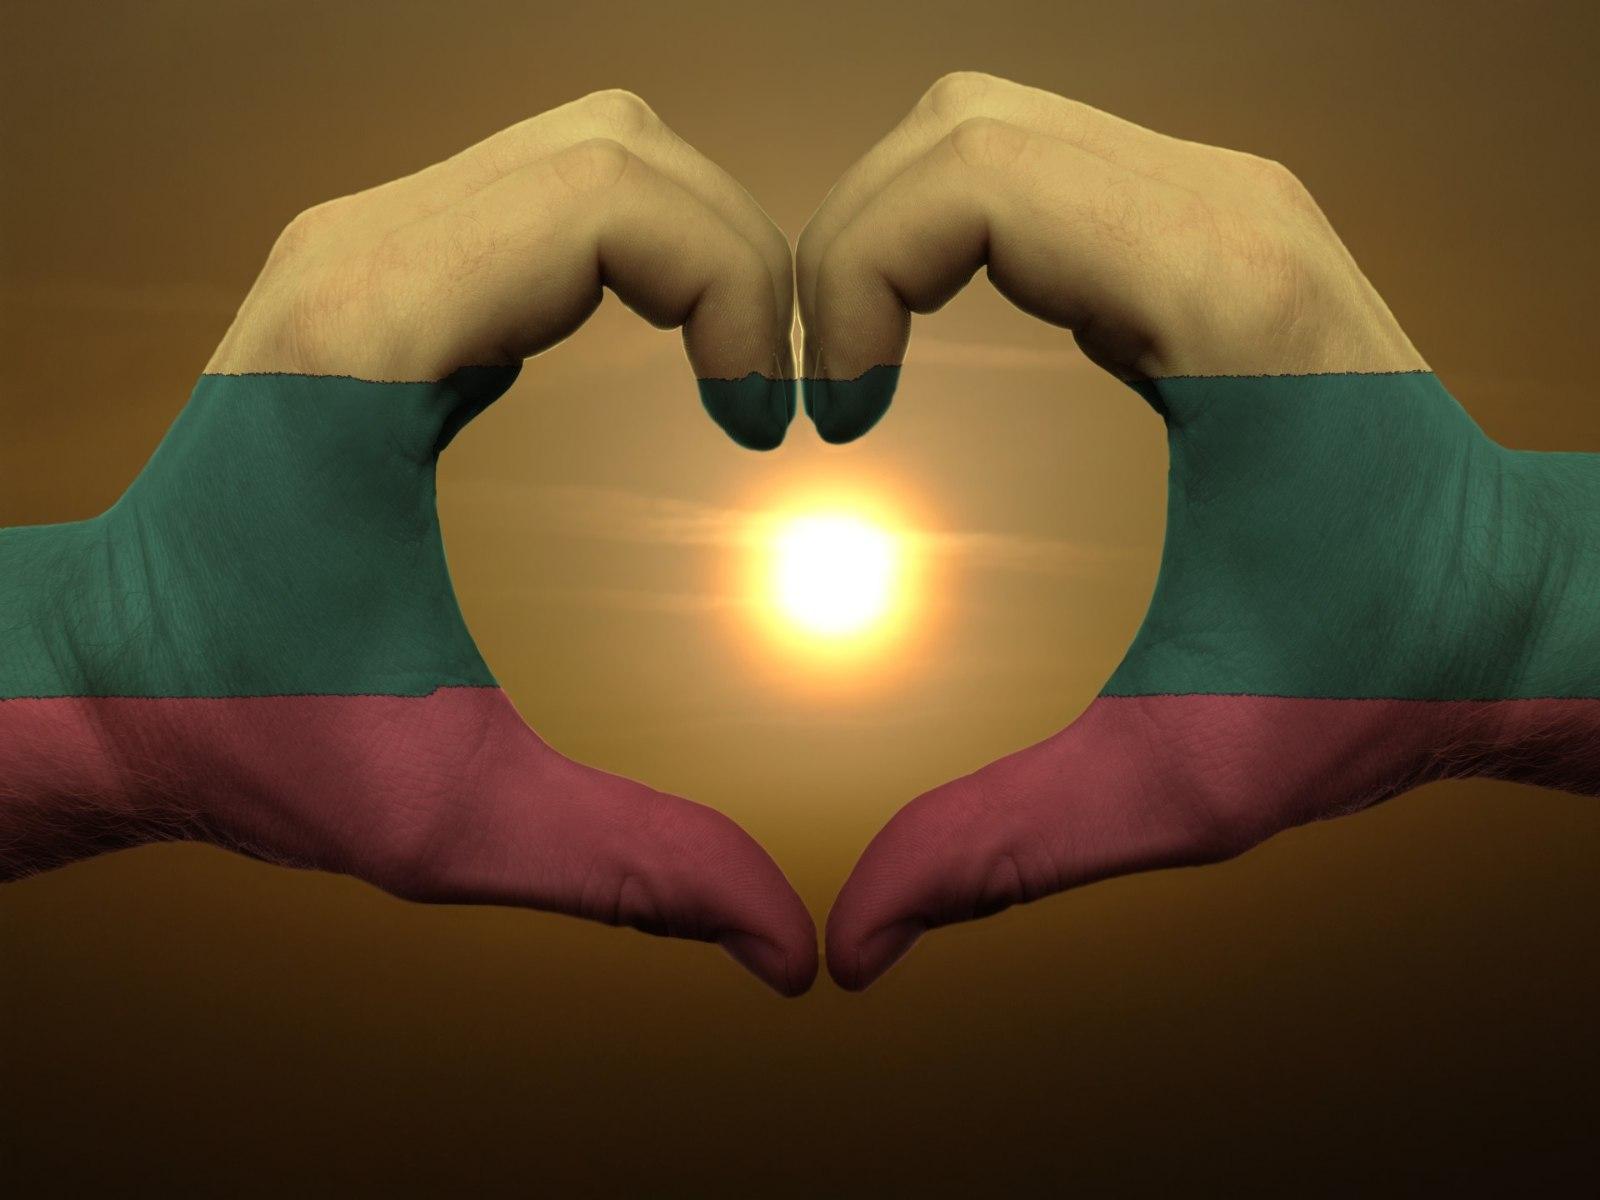 bb0b8a5bedb Leedu turismiamet sai hakkama nii korraliku ämbriga, et isegi peaminister  mõnitas seda! | Õhtuleht